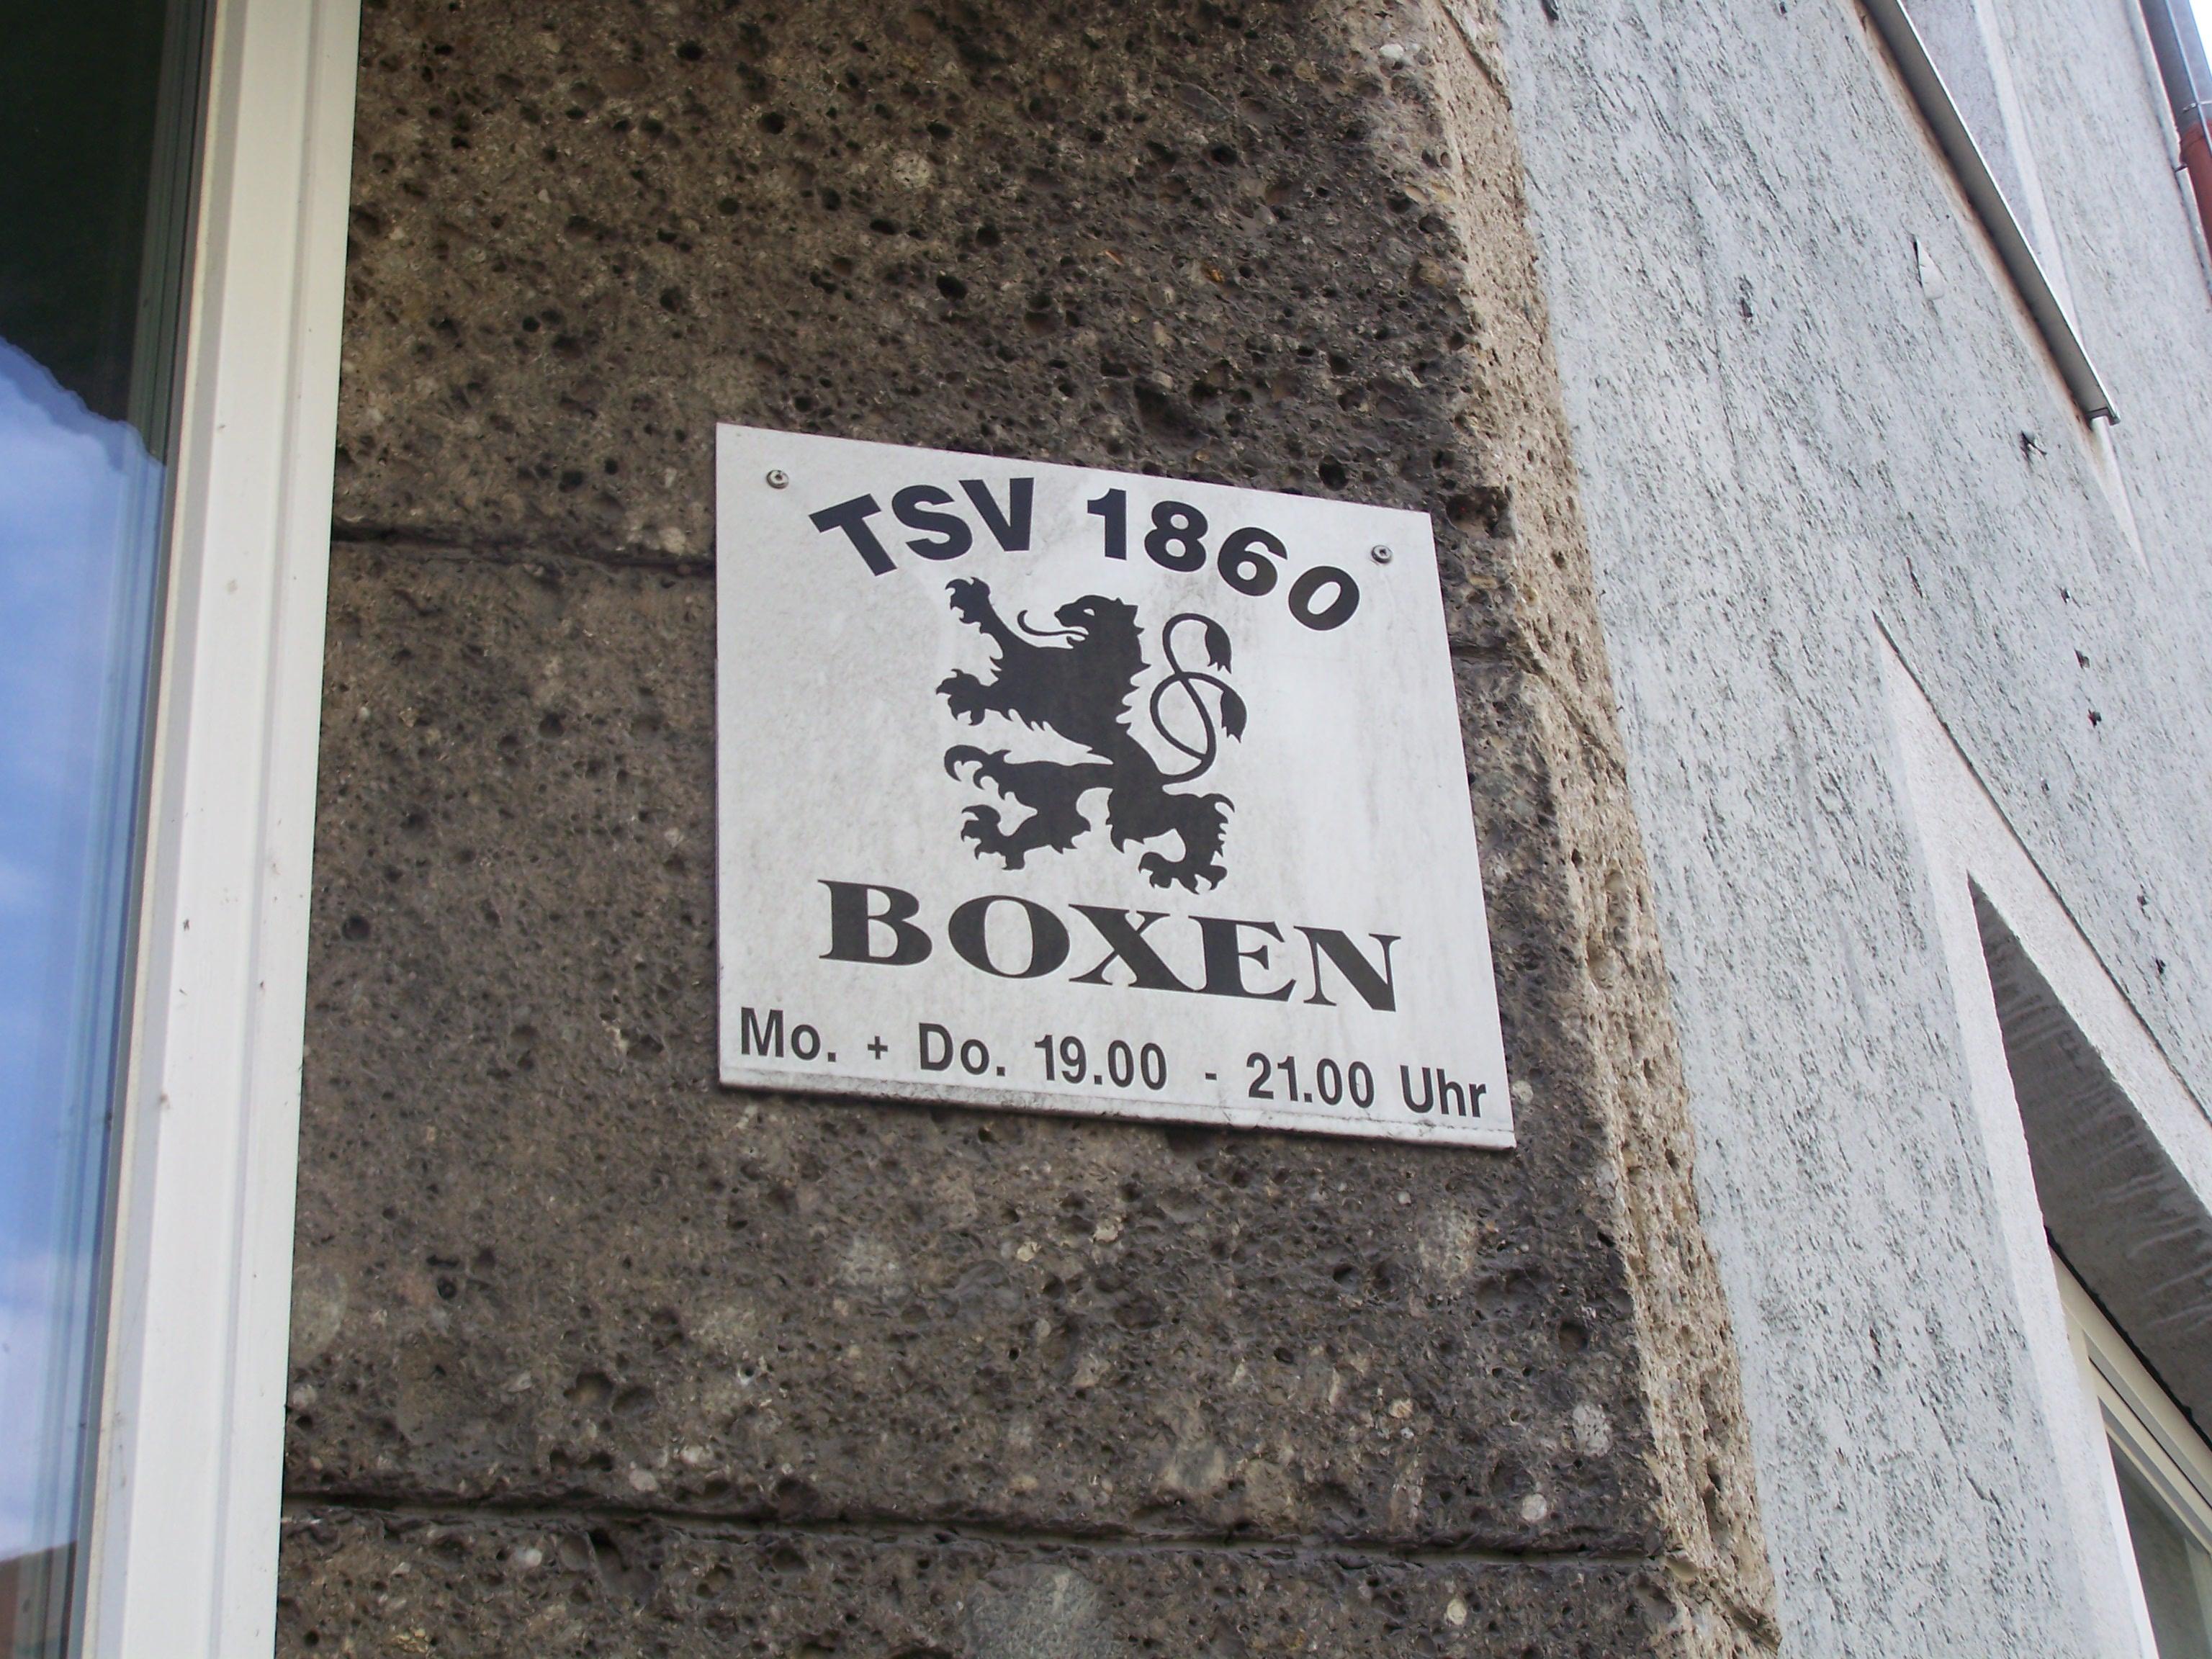 Tsv 1860 Boxen